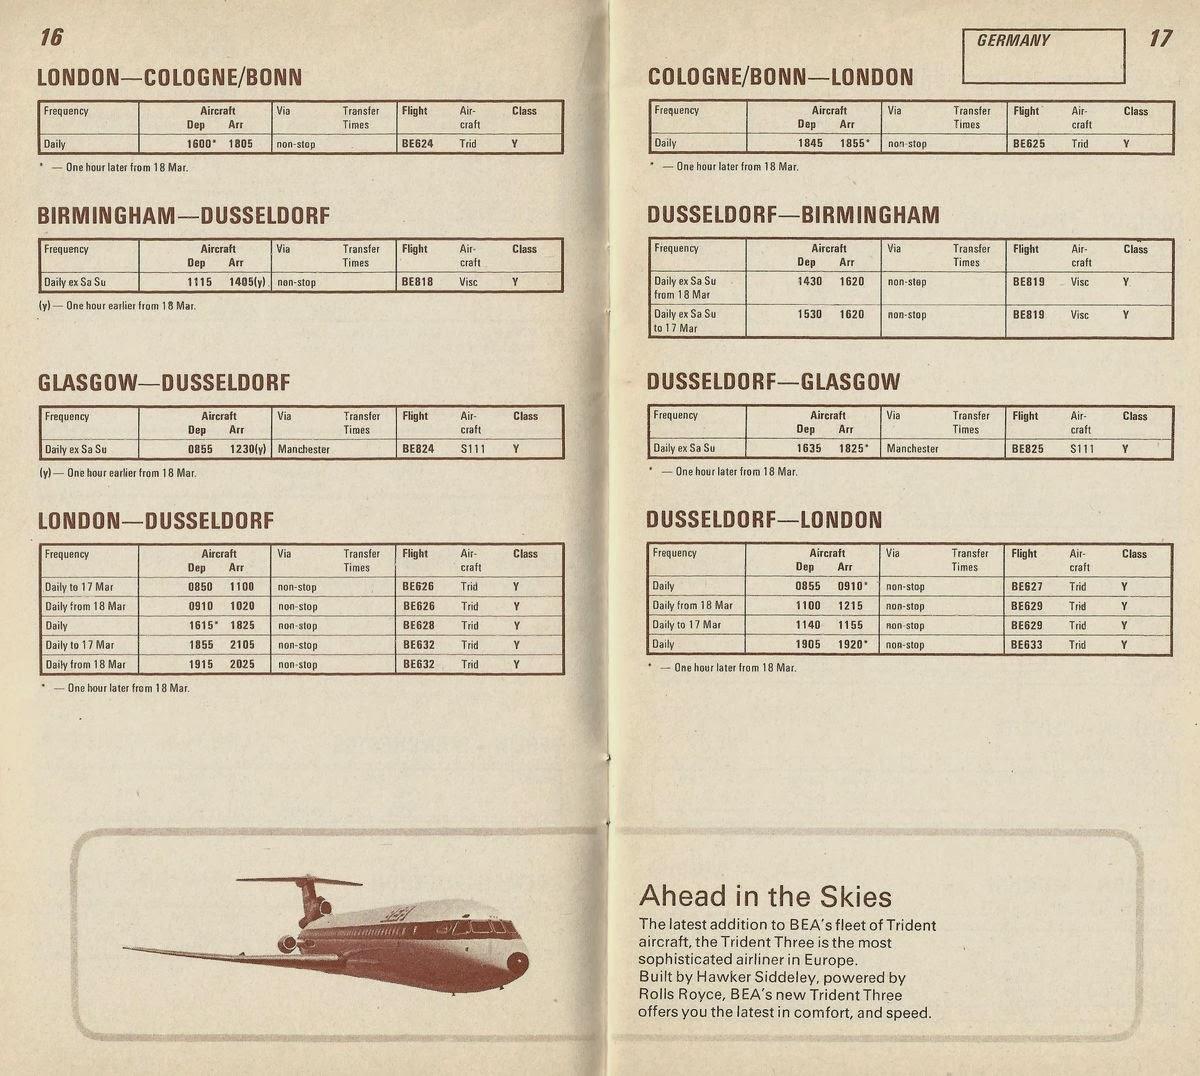 british airways flight schedule pdf